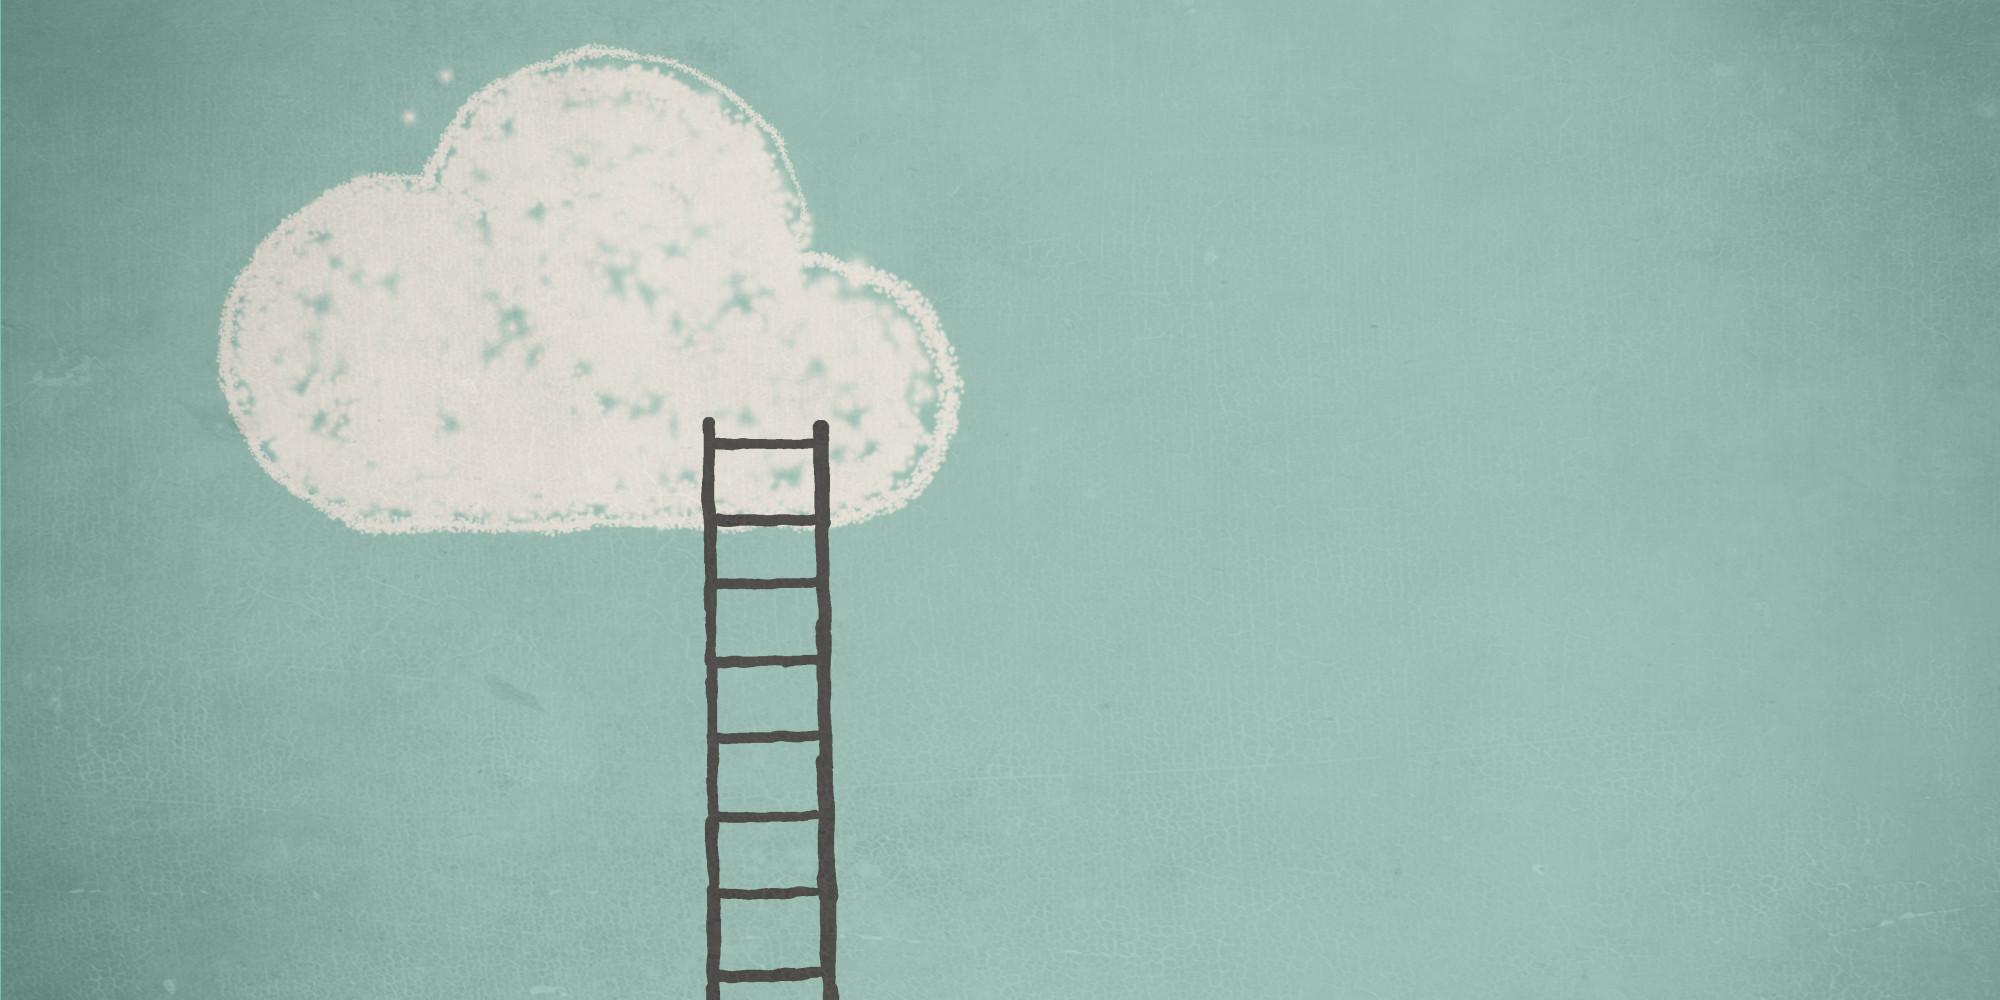 چرا باید یک شتابدهنده برای استارتاپمون انتخاب کنیم؟